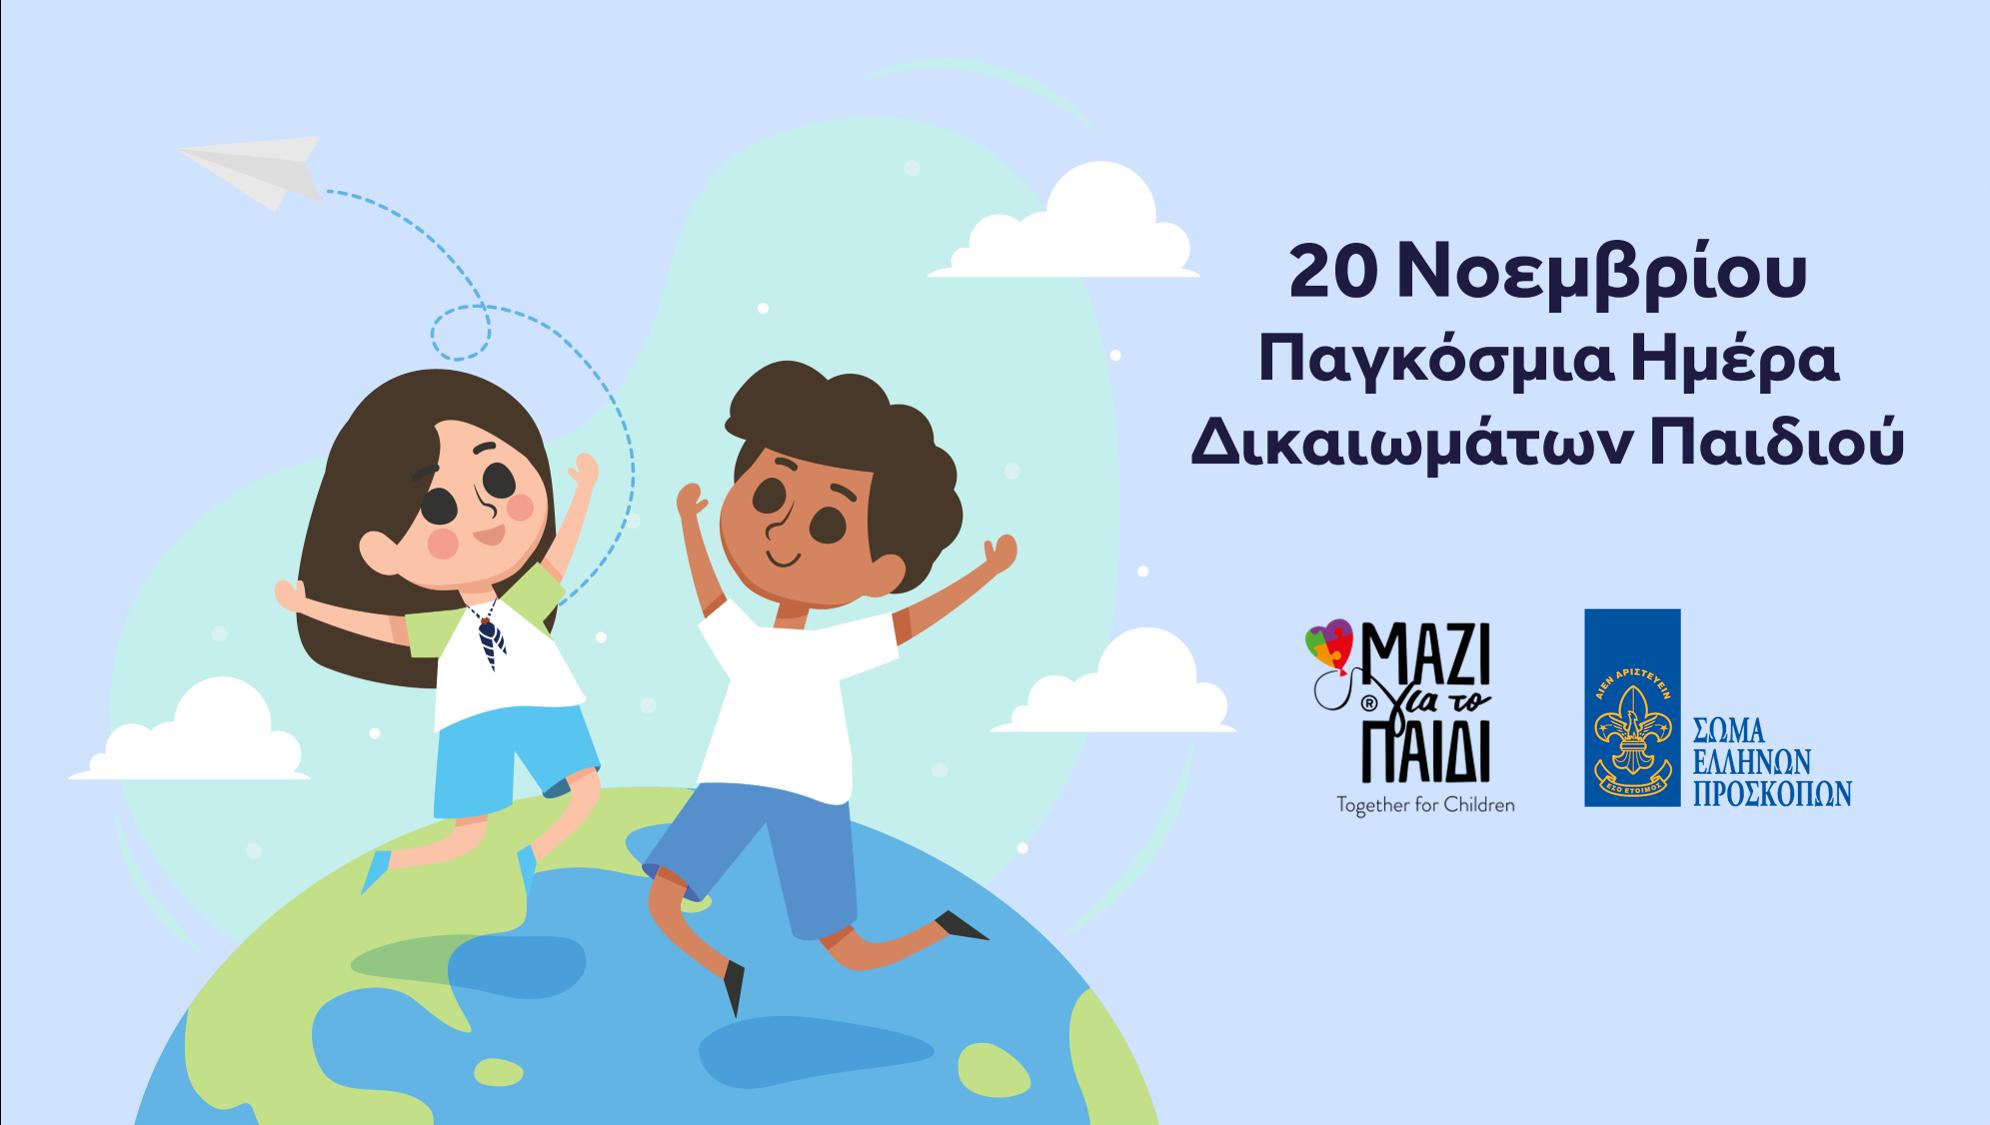 Μαζί για το Παιδί και Έλληνες Πρόσκοποι 20 Νοεμβρίου: Παγκόσμια Ημέρα ΟΗΕ για τα Δικαιώματα του Παιδιού